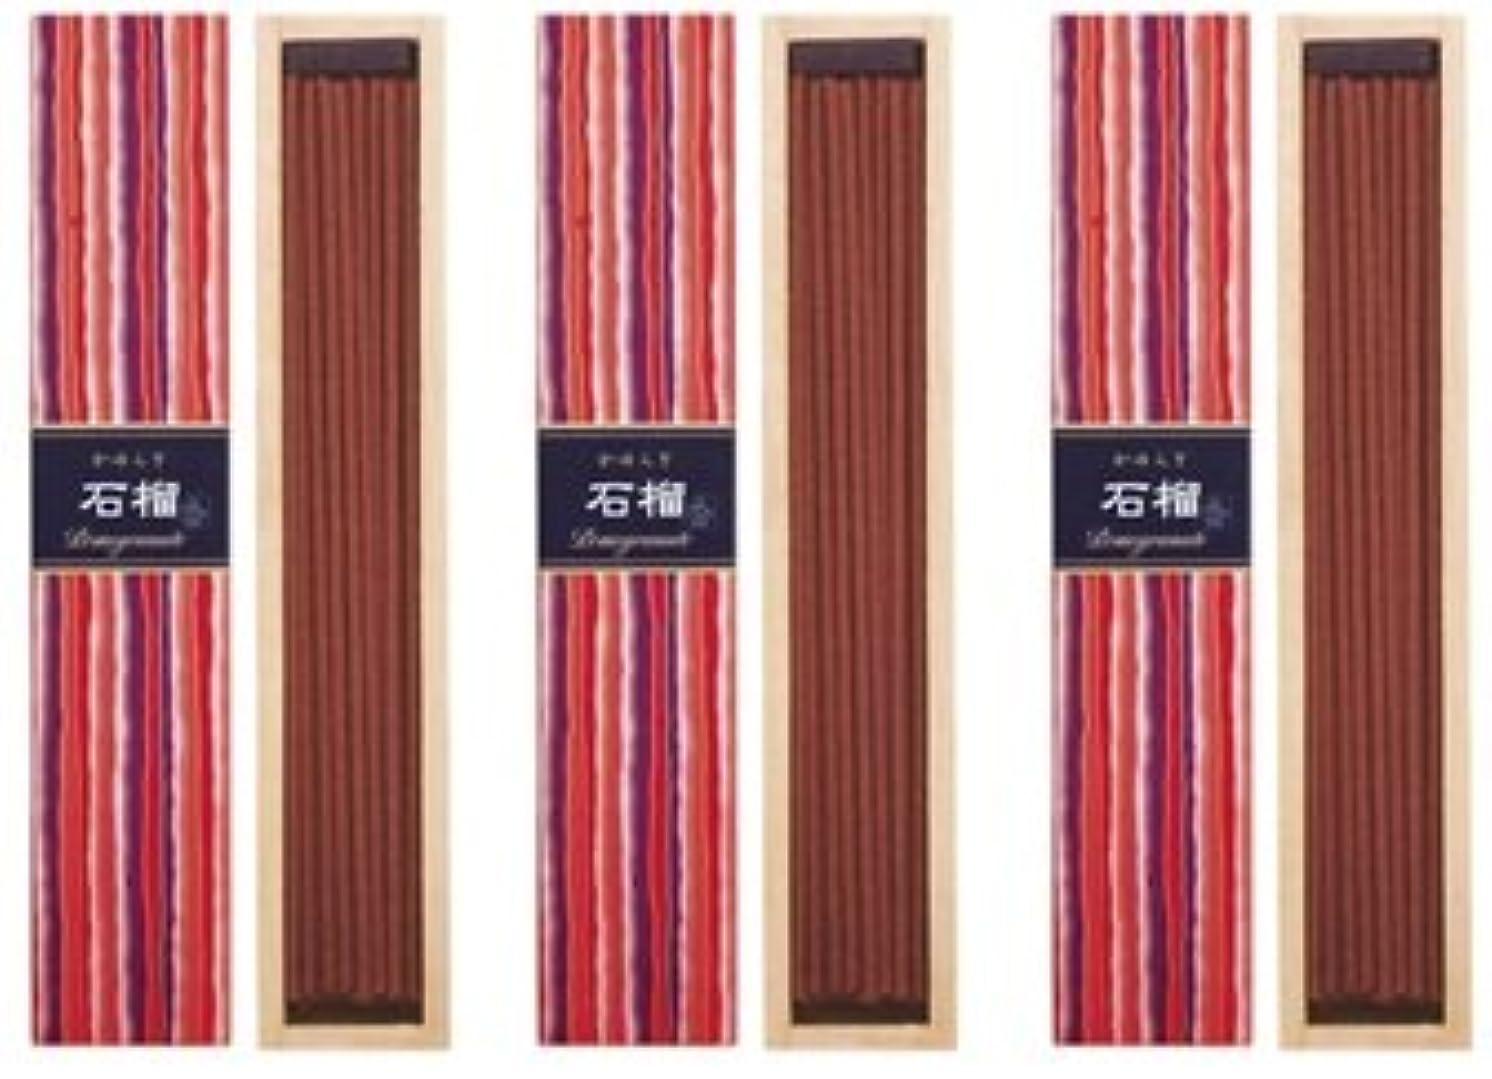 スタジオ追加する機転日本香堂 かゆらぎ 石榴(ざくろ) スティック40本入 3箱セット